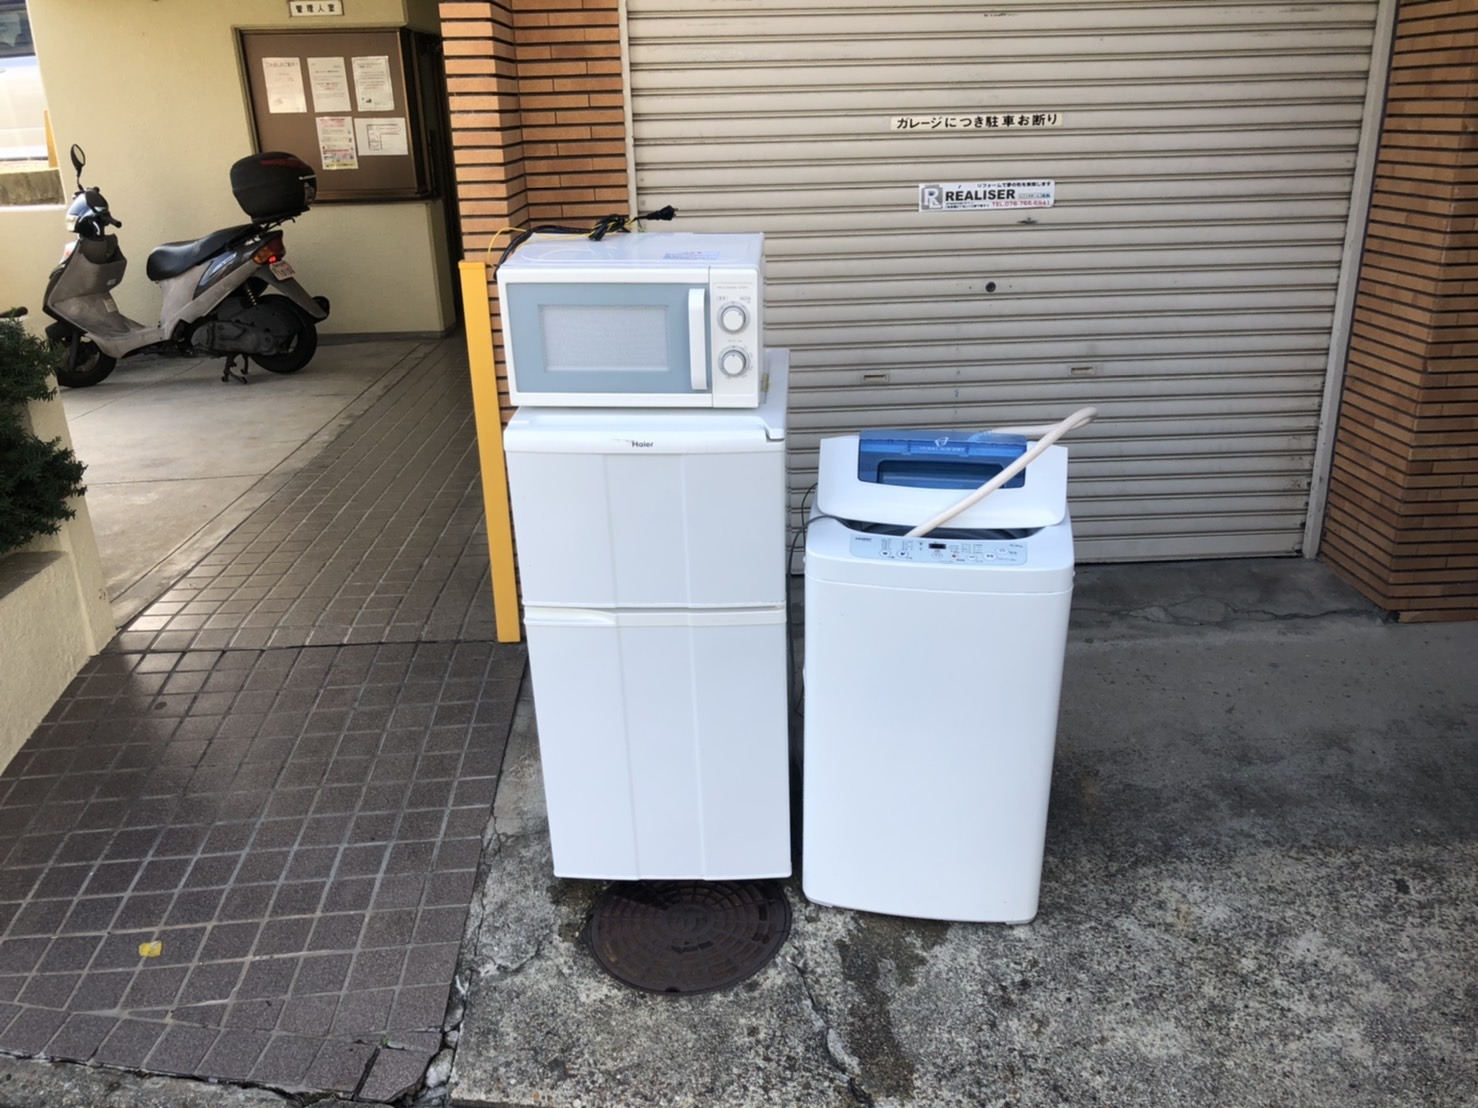 冷蔵庫、レンジ、洗濯機の回収前